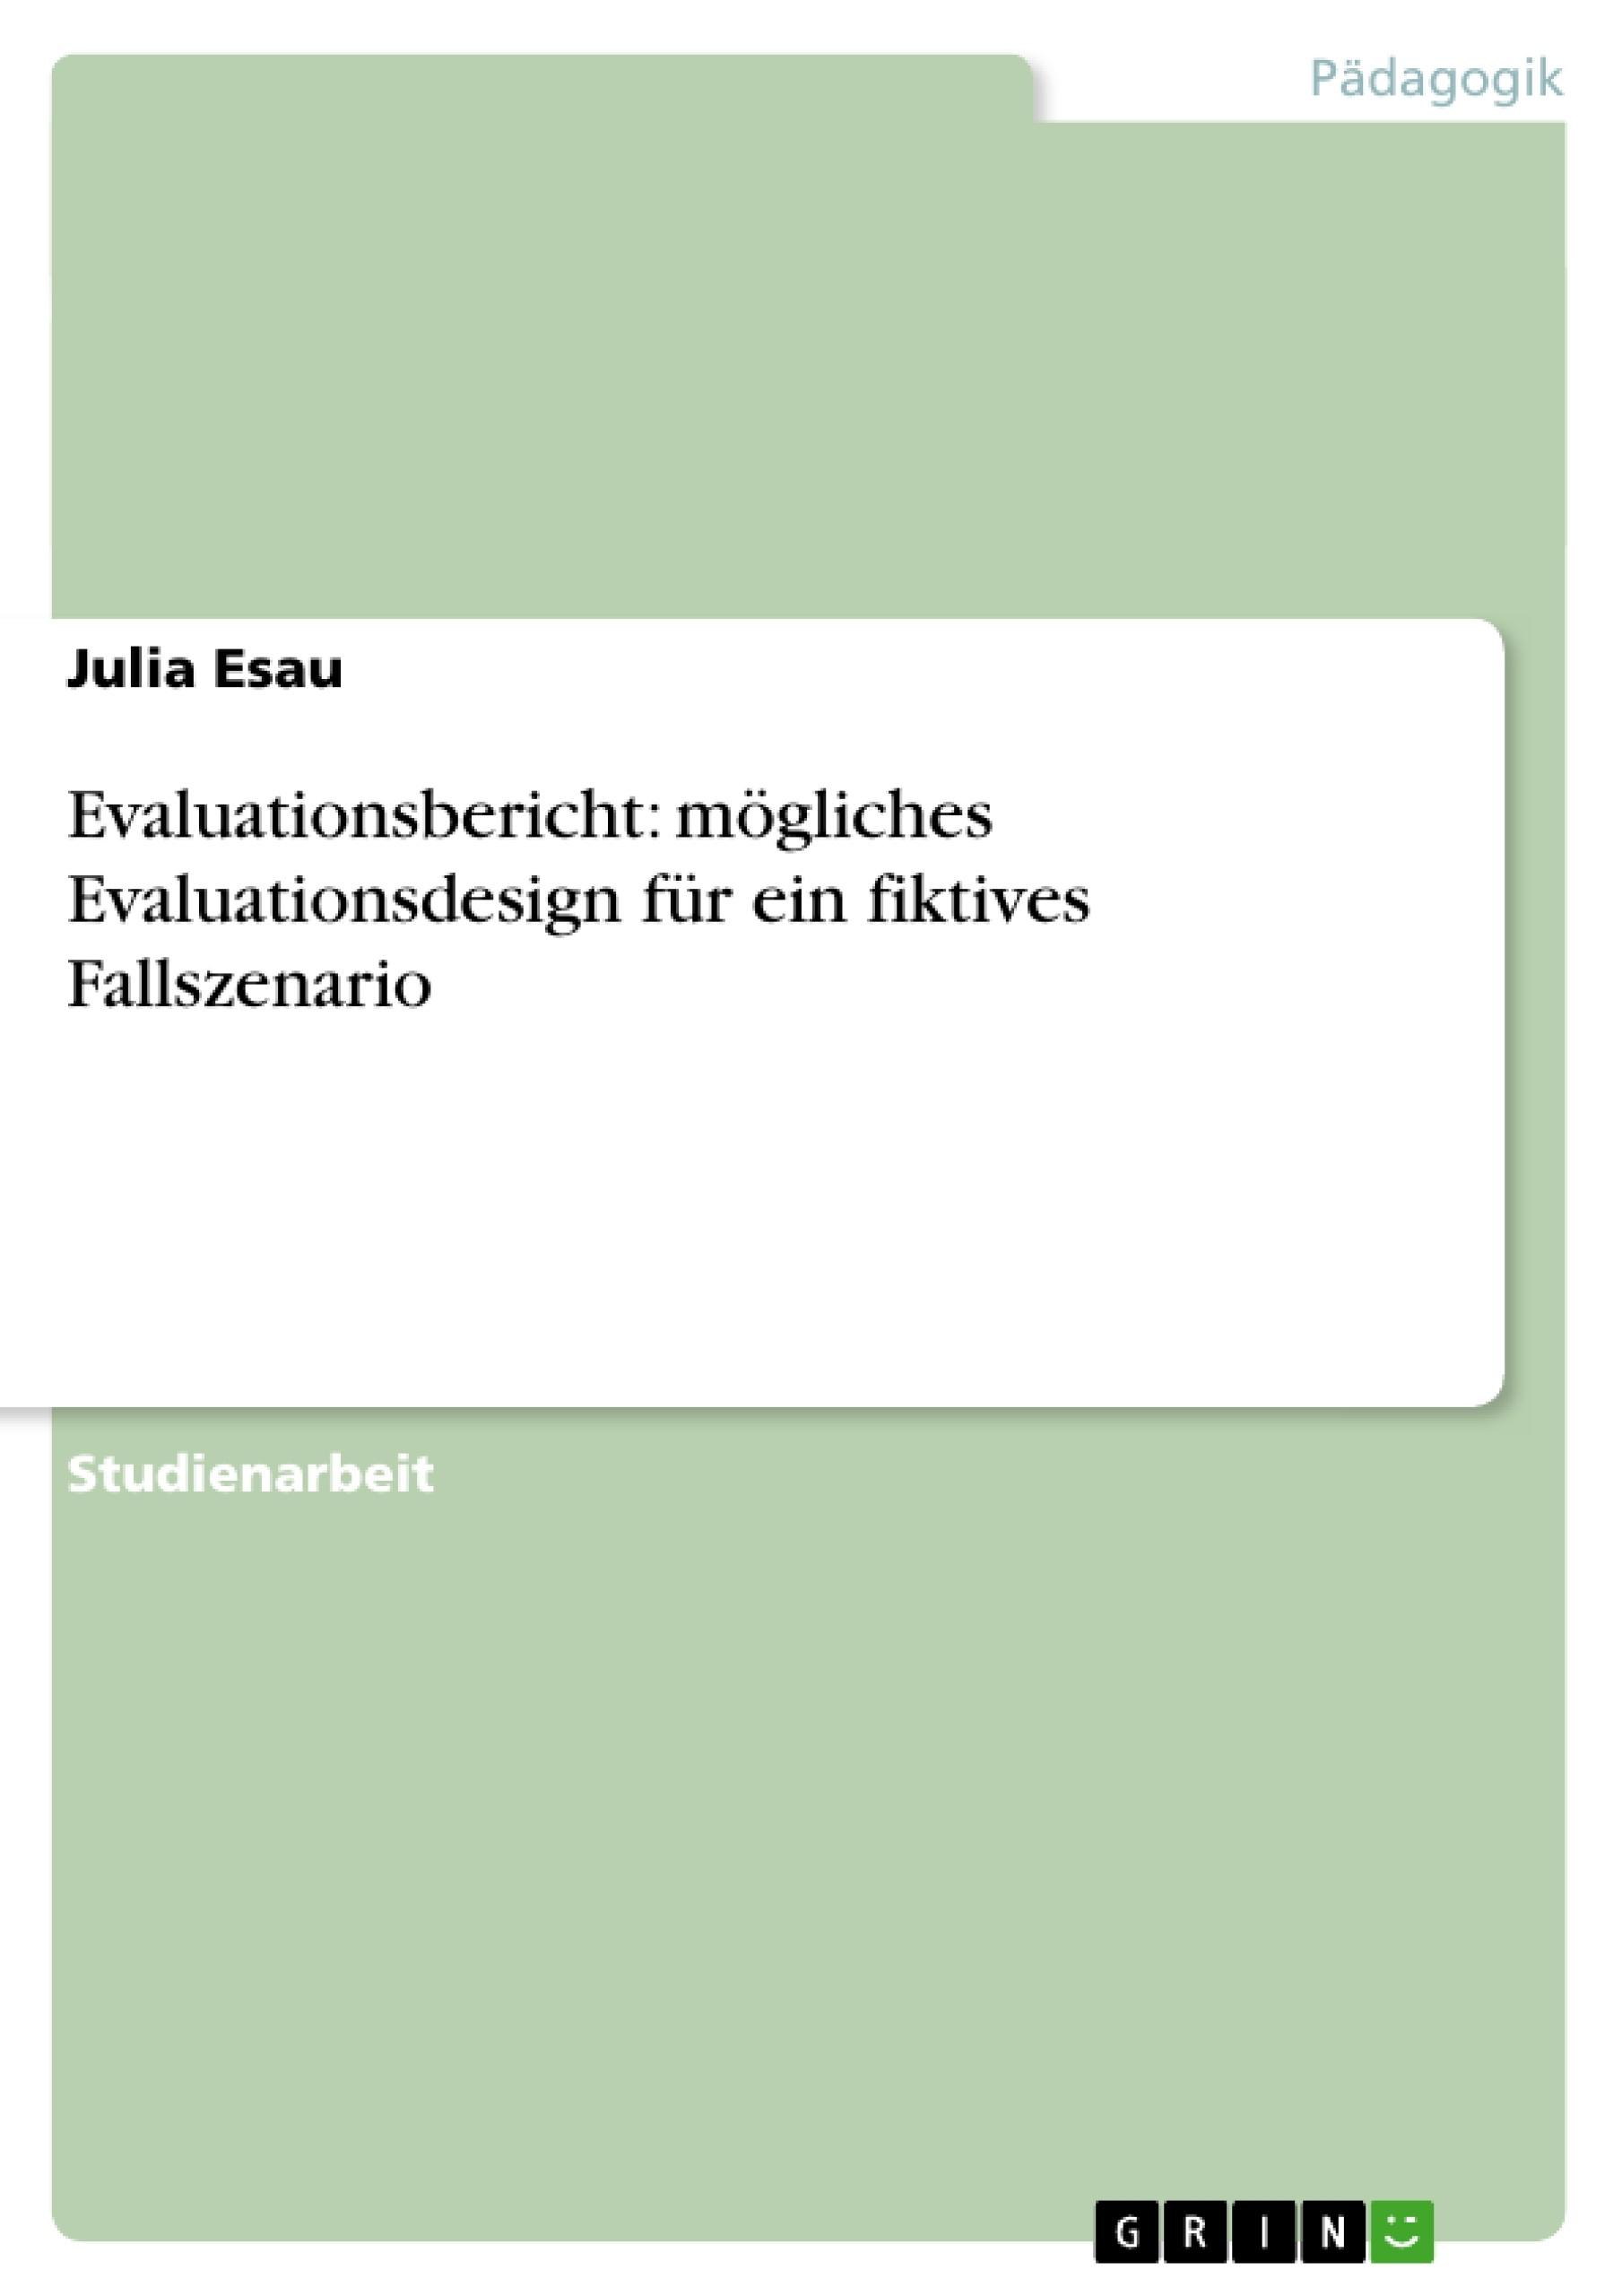 Titel: Evaluationsbericht: mögliches Evaluationsdesign für ein fiktives Fallszenario